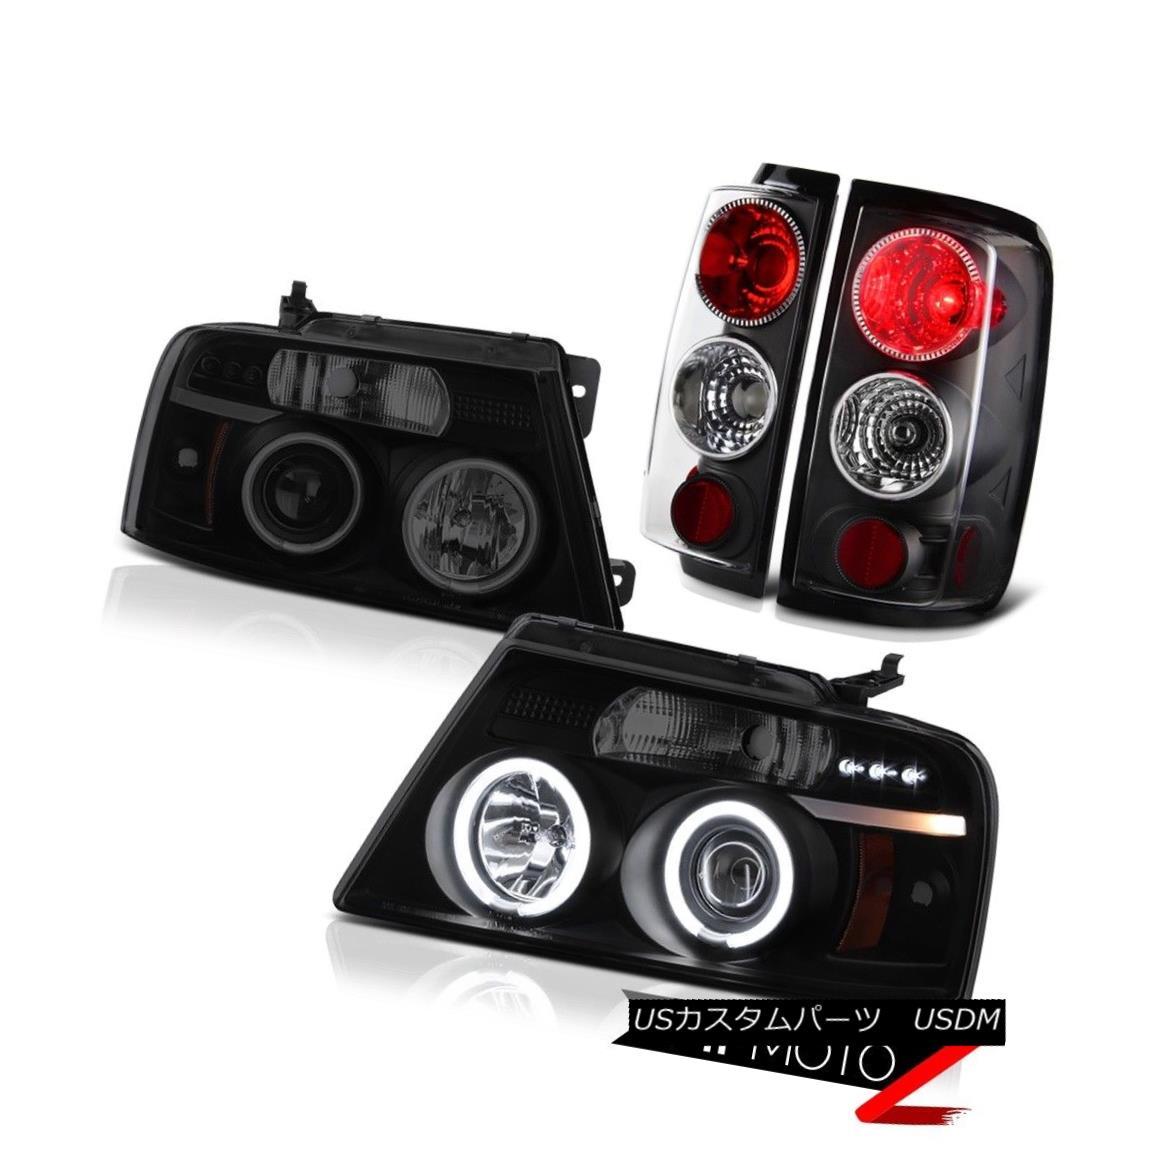 ヘッドライト 2004-08 F150 Truck CCFL Halo Rim Angel Eye Headlight Clear Rear Black Taillights 2004-08 F150 CCFLハローリムエンジェルアイヘッドライトクリアリアブラックテイルライト